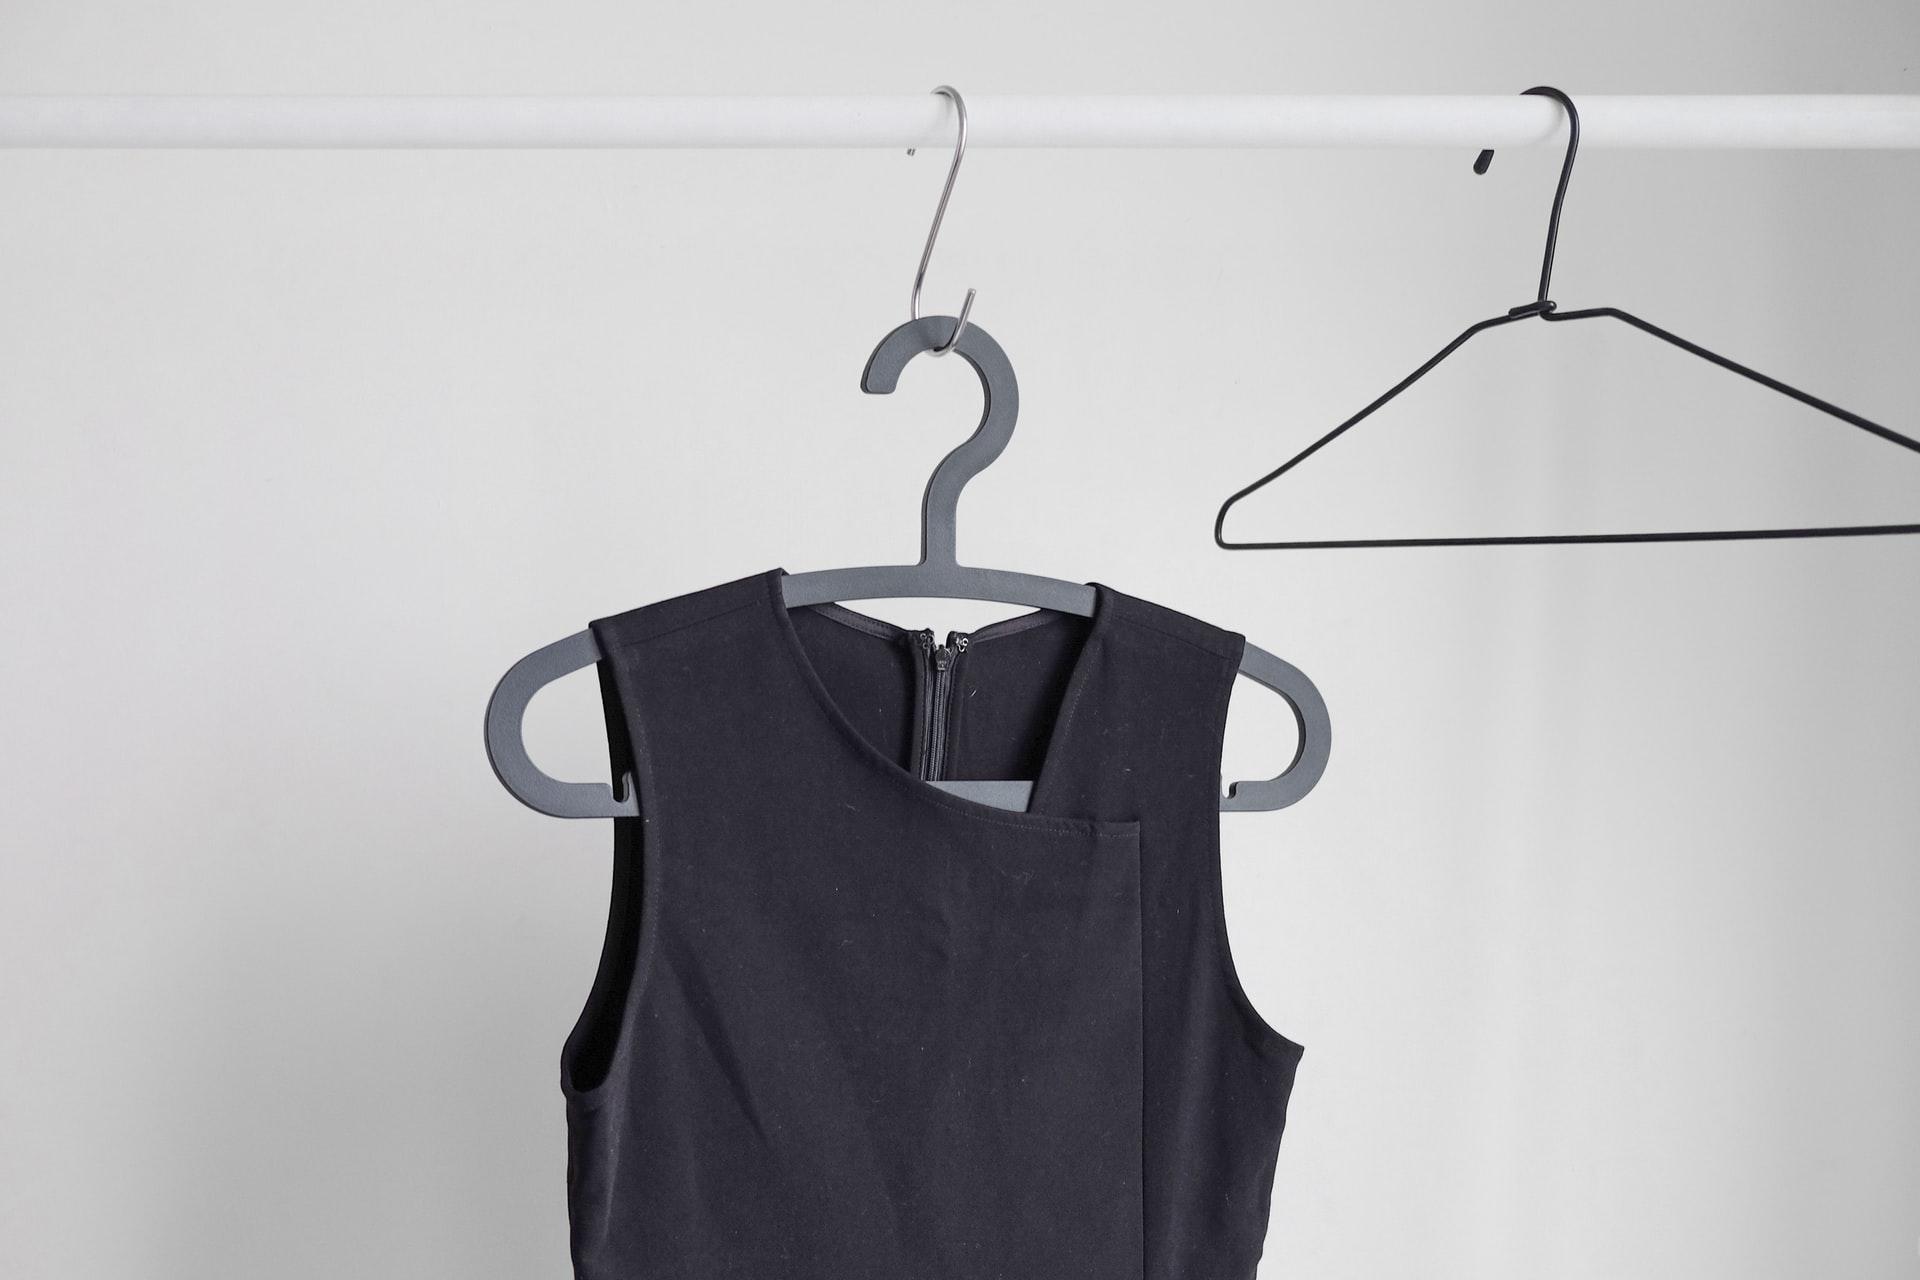 Jak vyzrát na příliš plný šatník - začněte s minimalismem